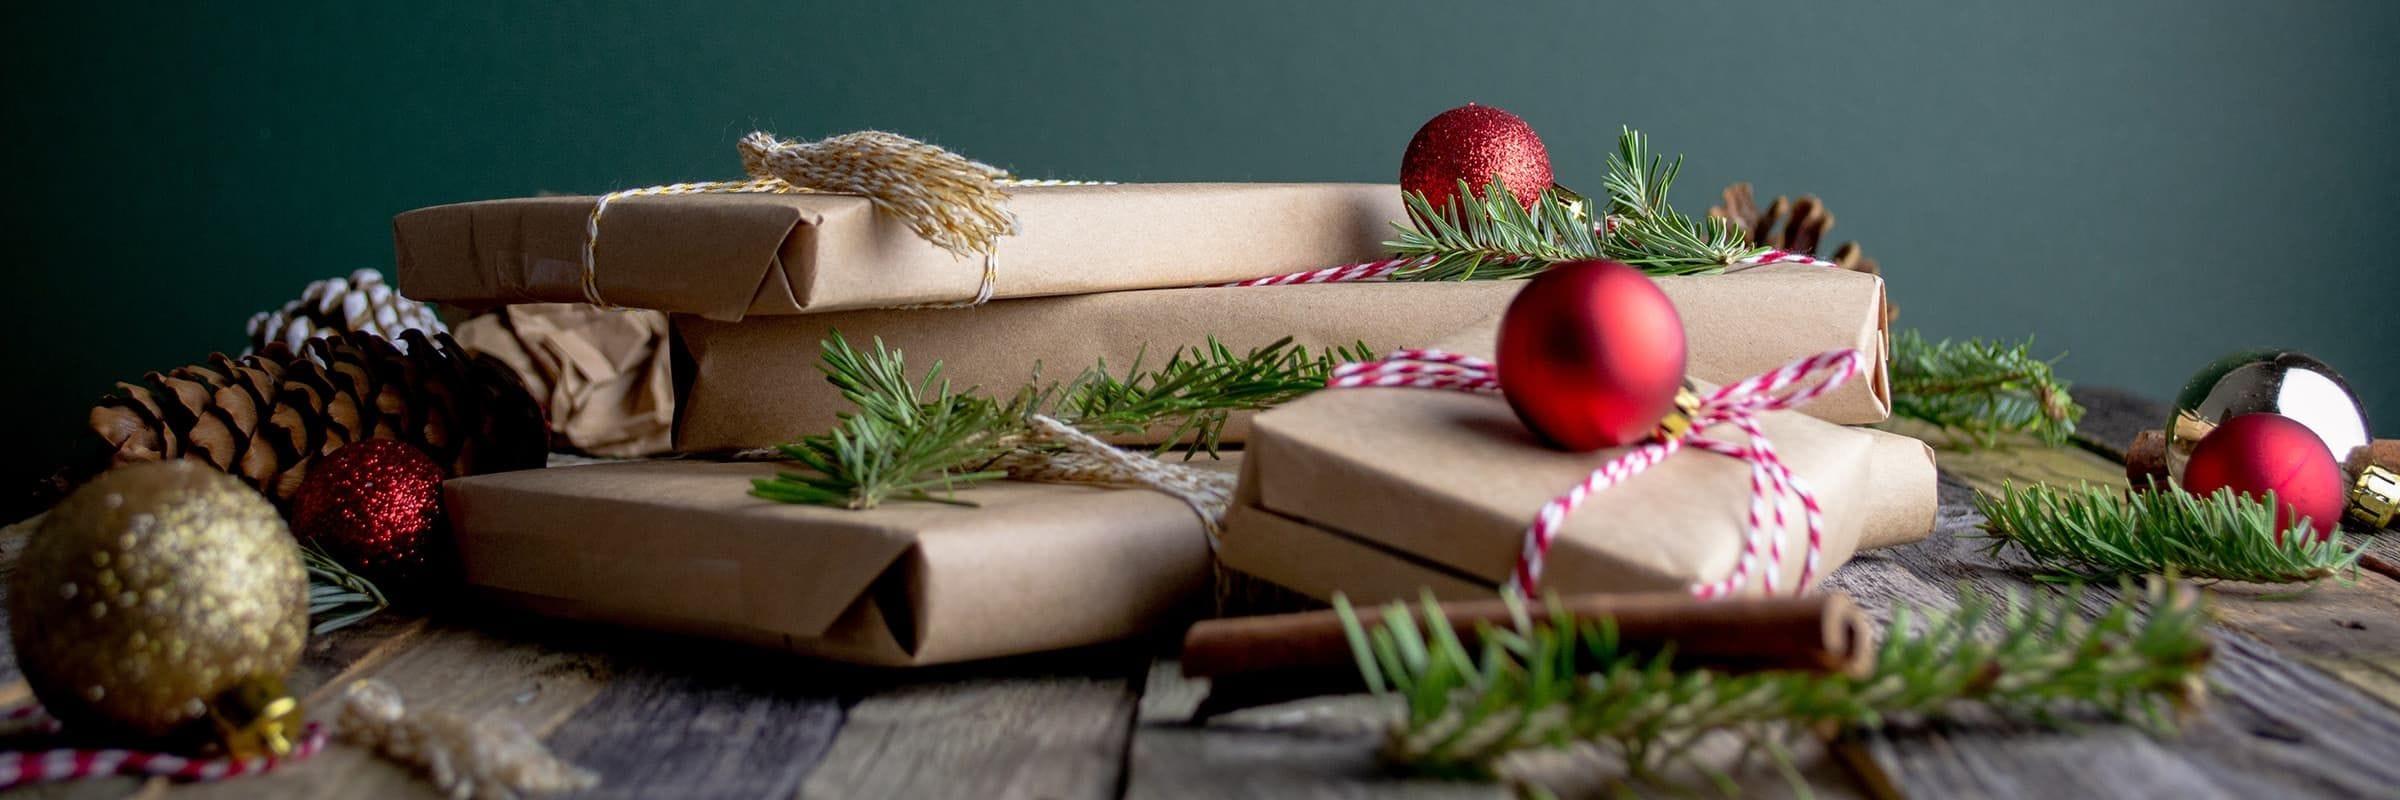 Nos 15 meilleures idées cadeaux en bas de 50$